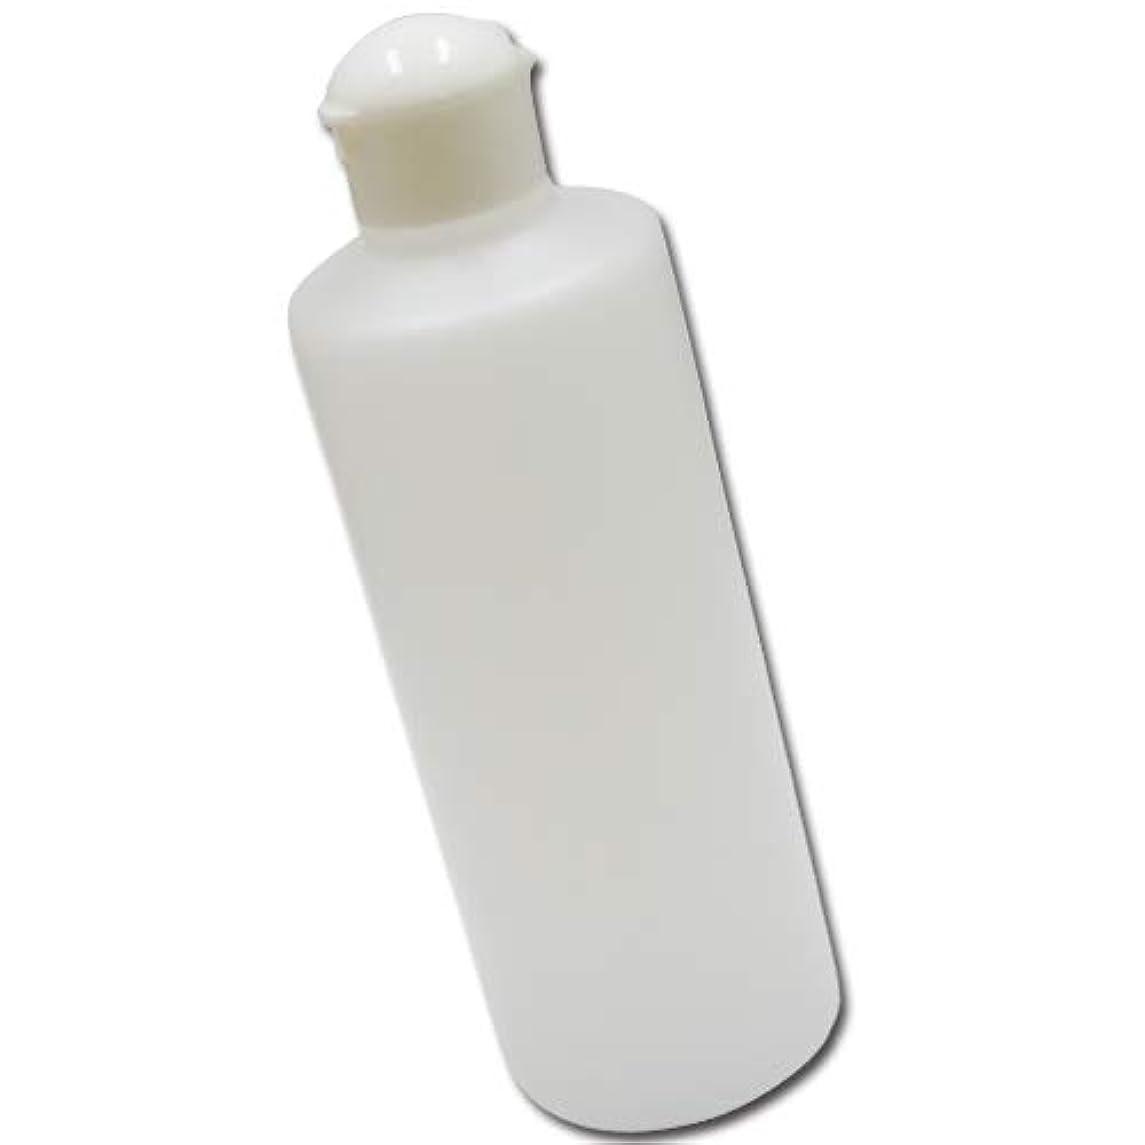 そよ風結晶成功詰め替え容器ワンタッチキャップ300ml (半透明)│業務用ローションやうがい薬、液体石鹸、調味料、化粧品などの小分けに便利なボトル